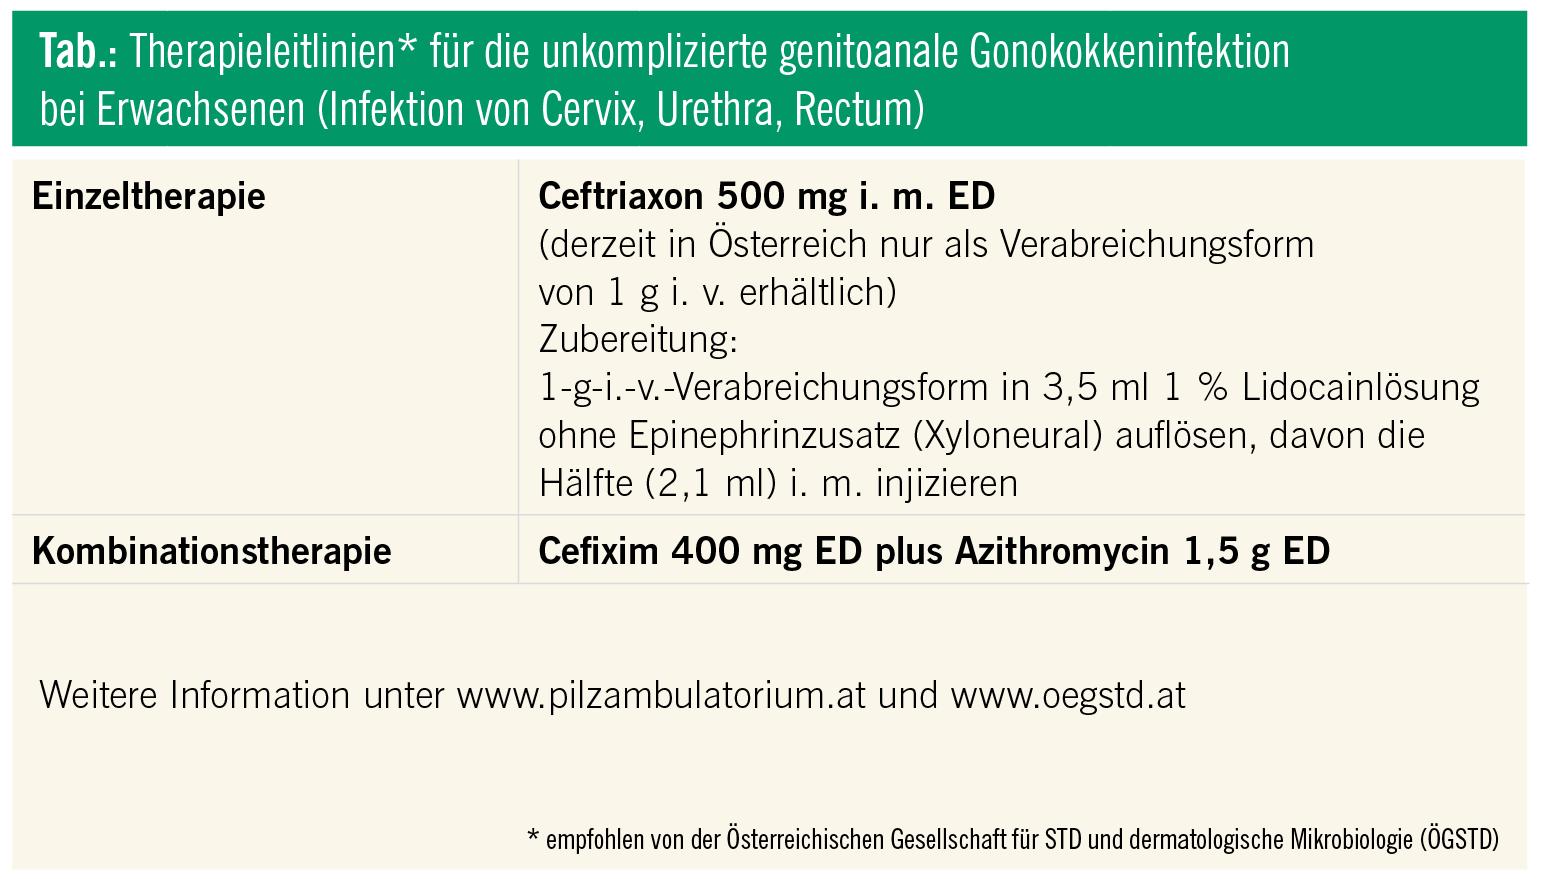 chlamydien therapie leitlinien